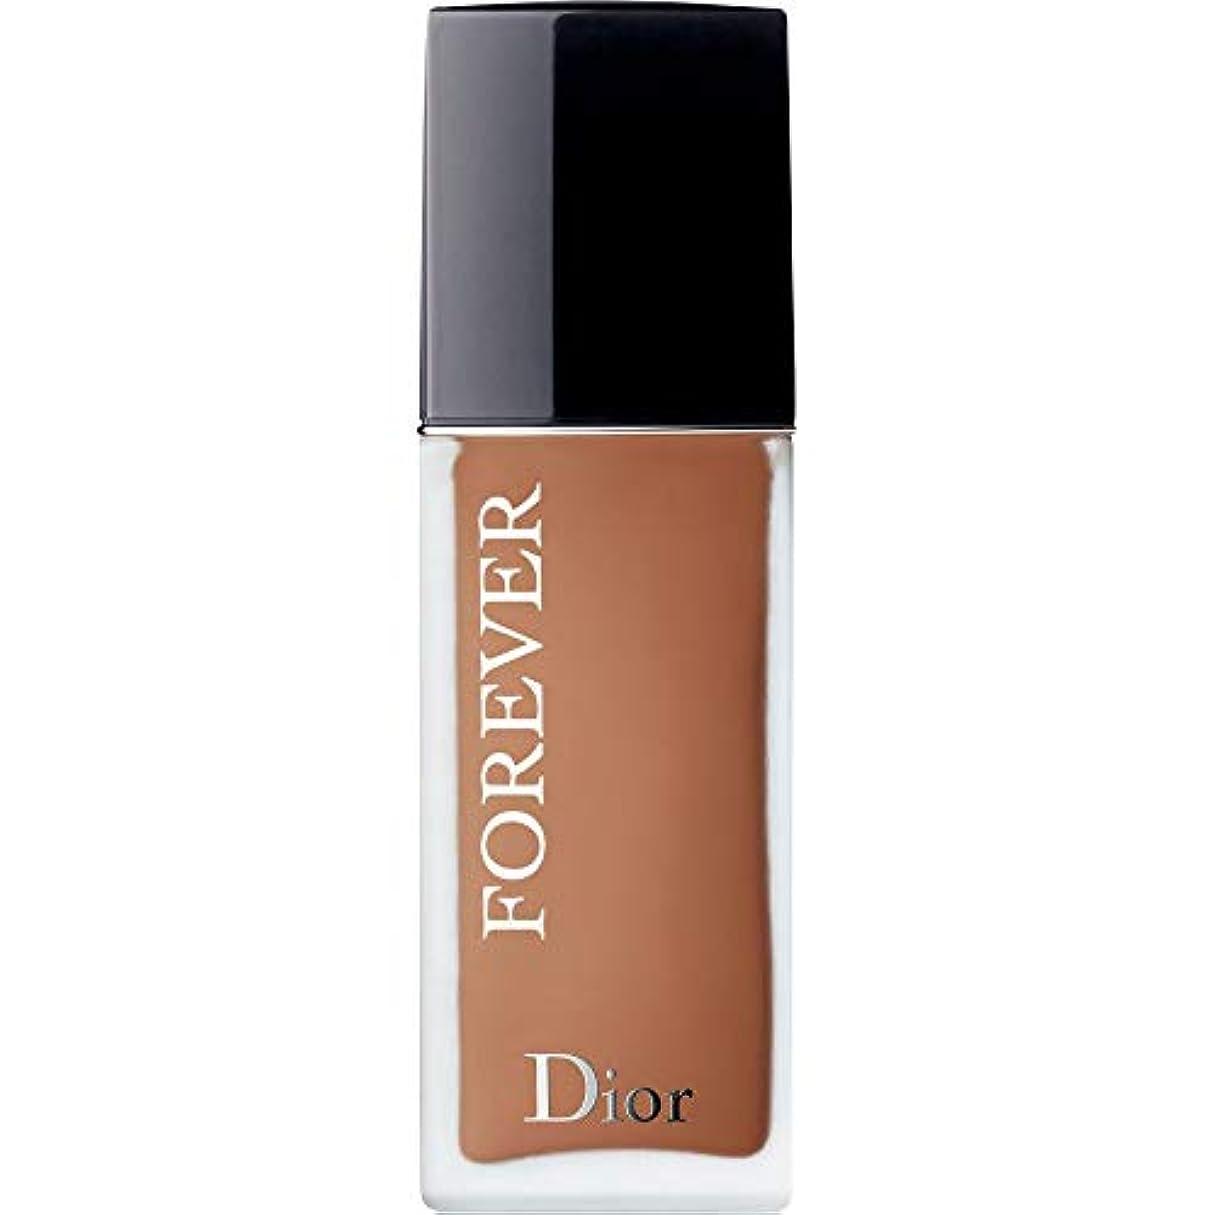 ノーブル拡張動詞[Dior ] ディオール永遠皮膚思いやりの基盤Spf35 30ミリリットルの5N - ニュートラル(つや消し) - DIOR Forever Skin-Caring Foundation SPF35 30ml 5N -...